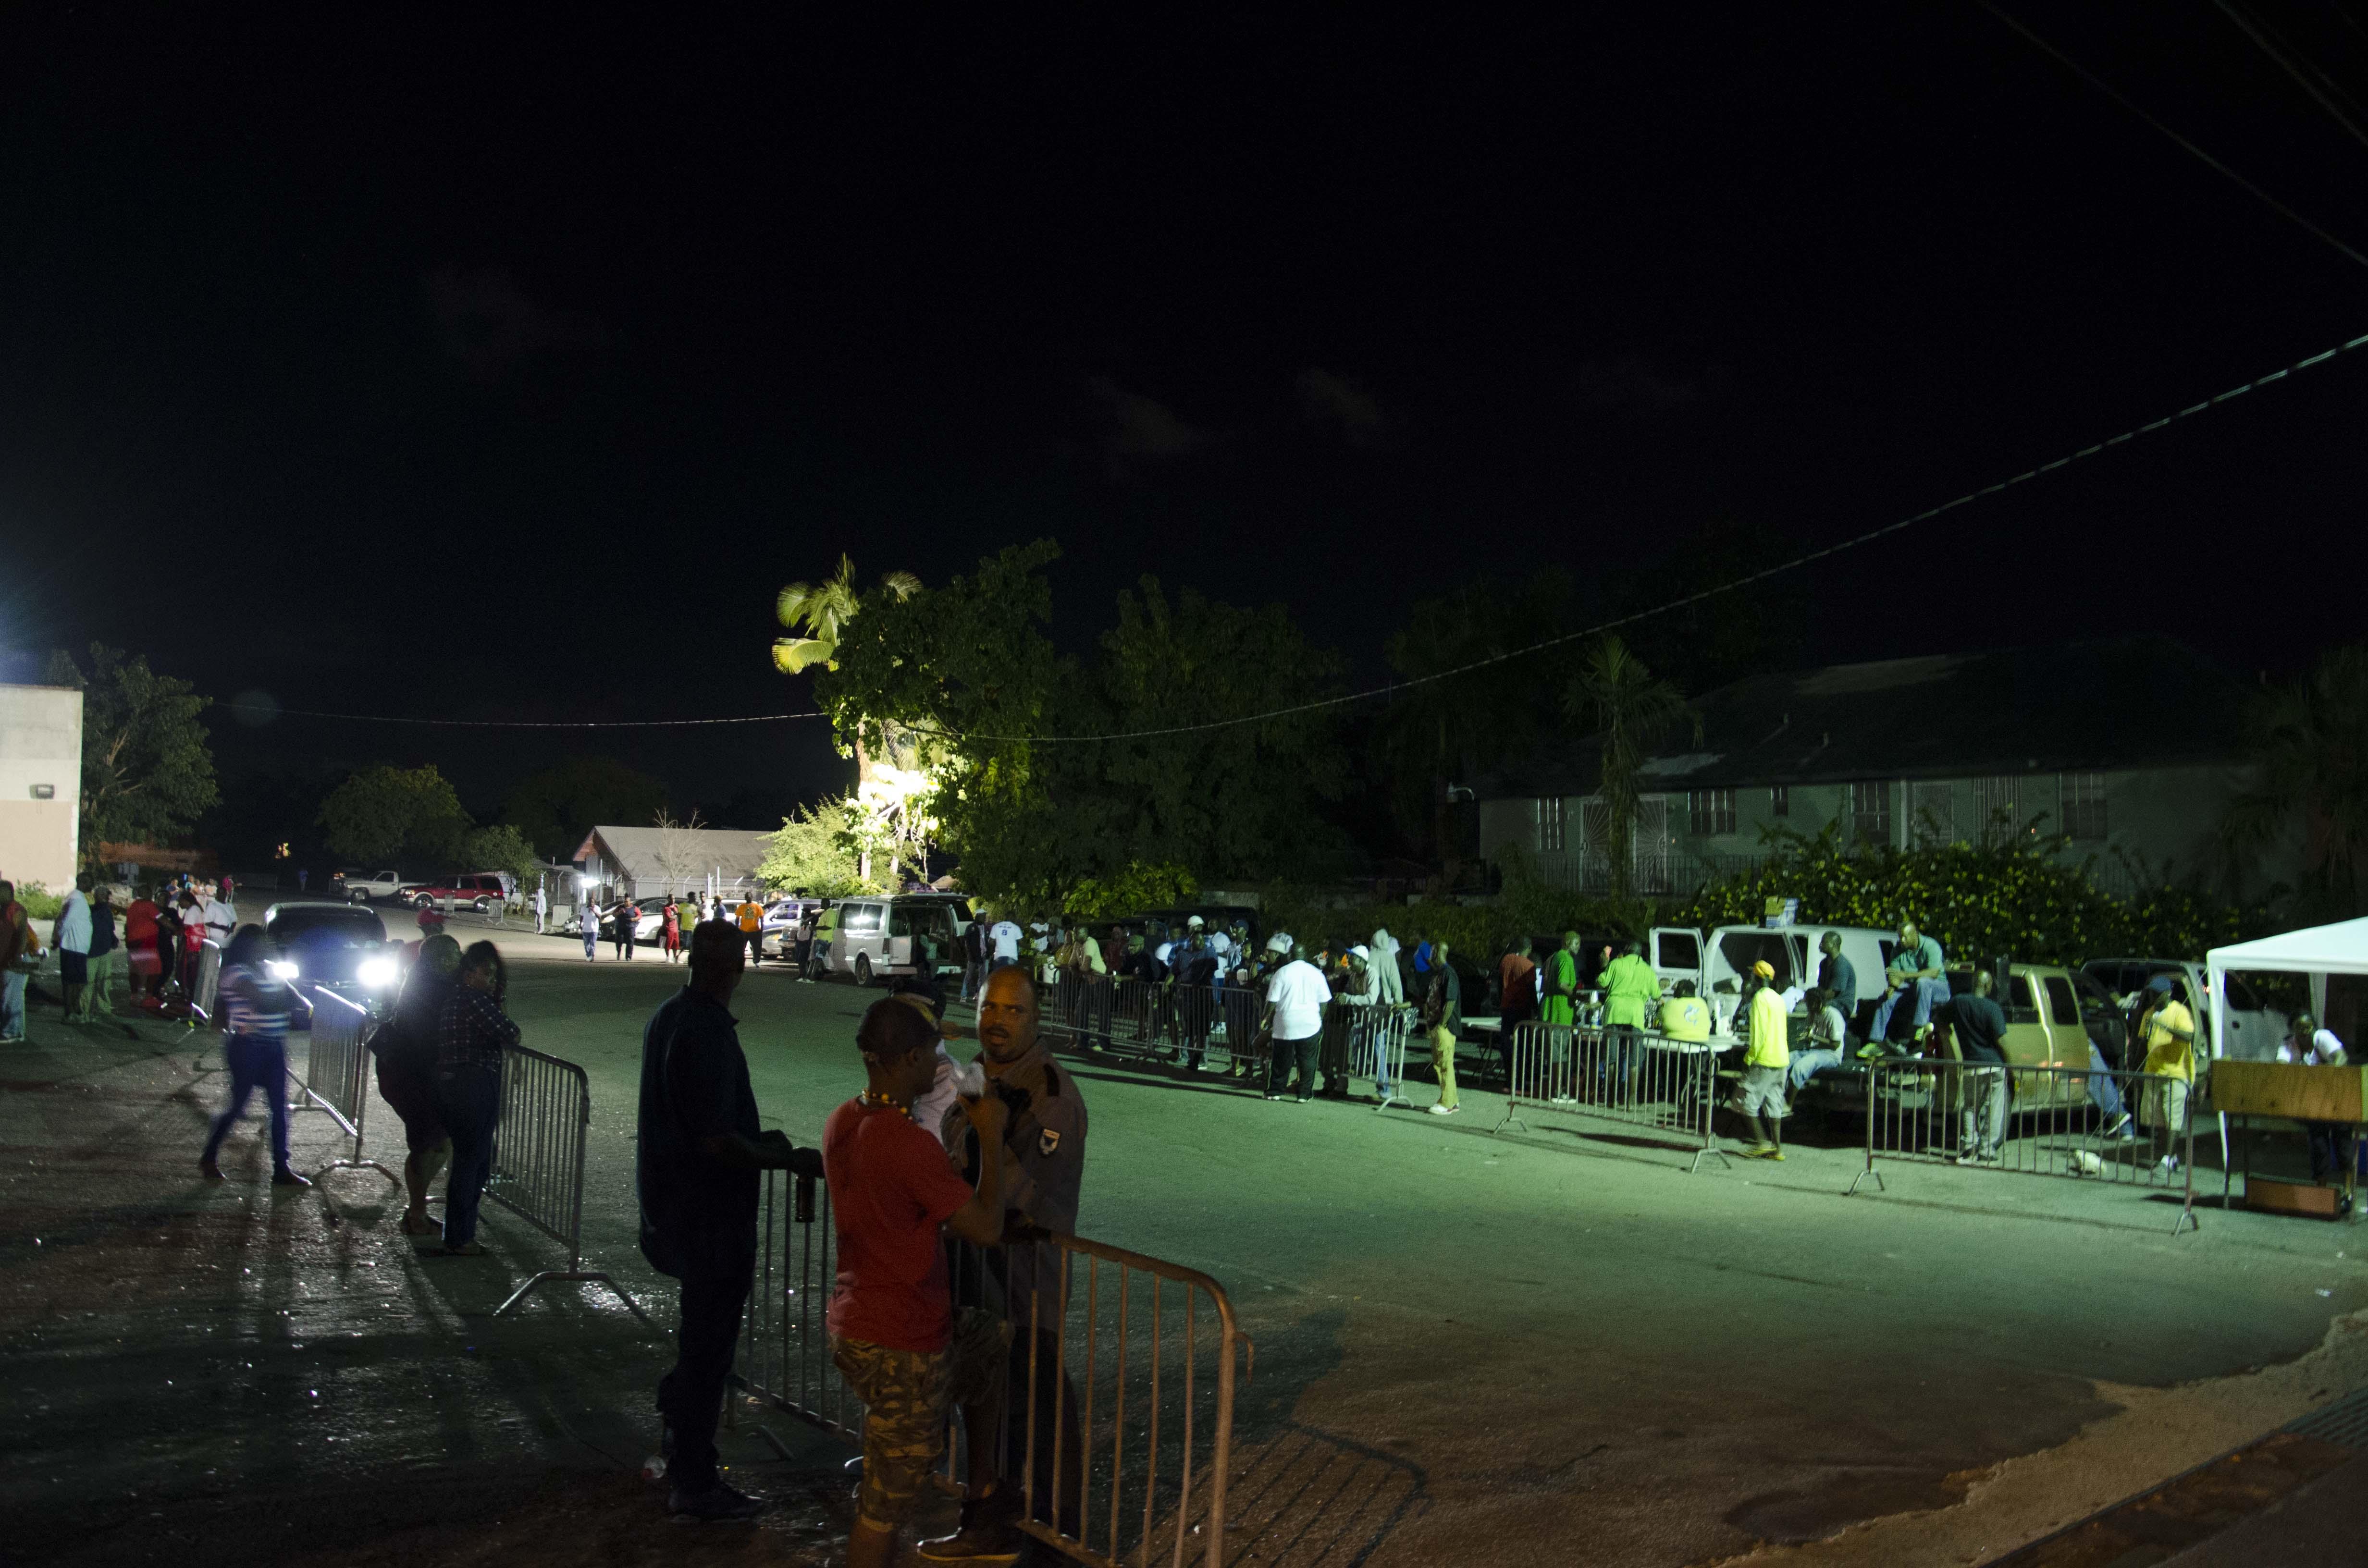 People waiting for Junkanoo practice to start.